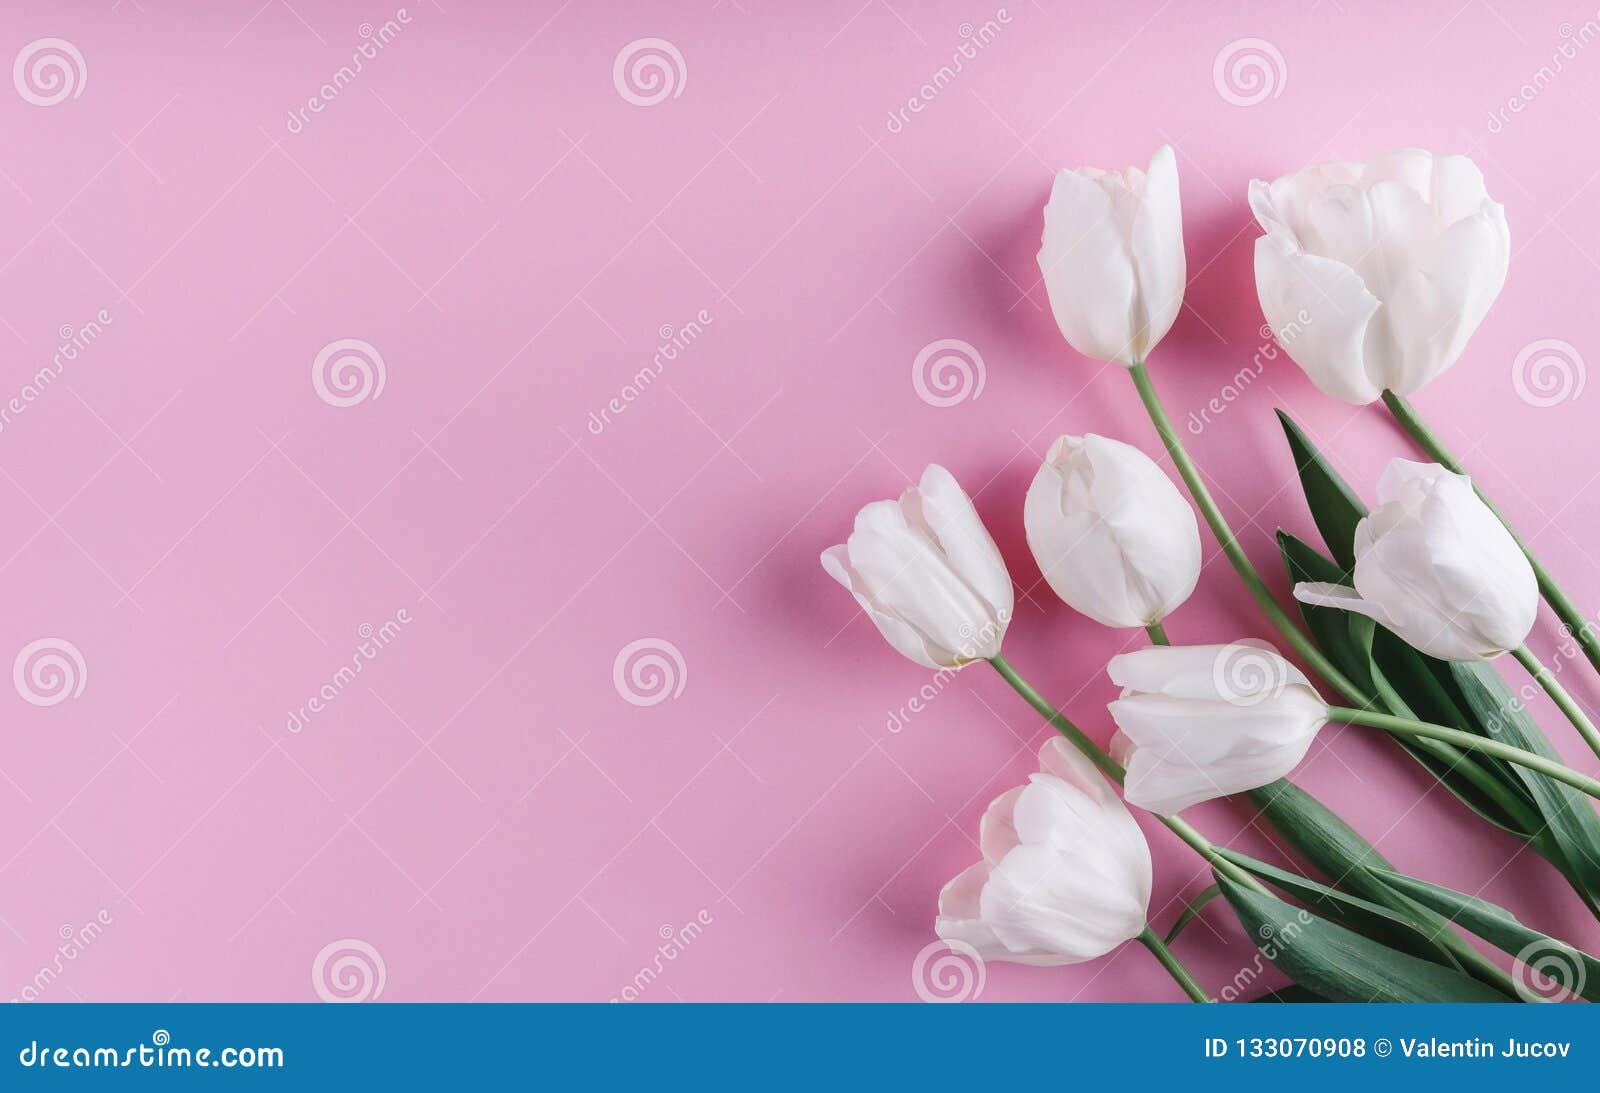 Biali tulipany kwitną nad światłem - różowy tło Kartka z pozdrowieniami lub ślubny zaproszenie